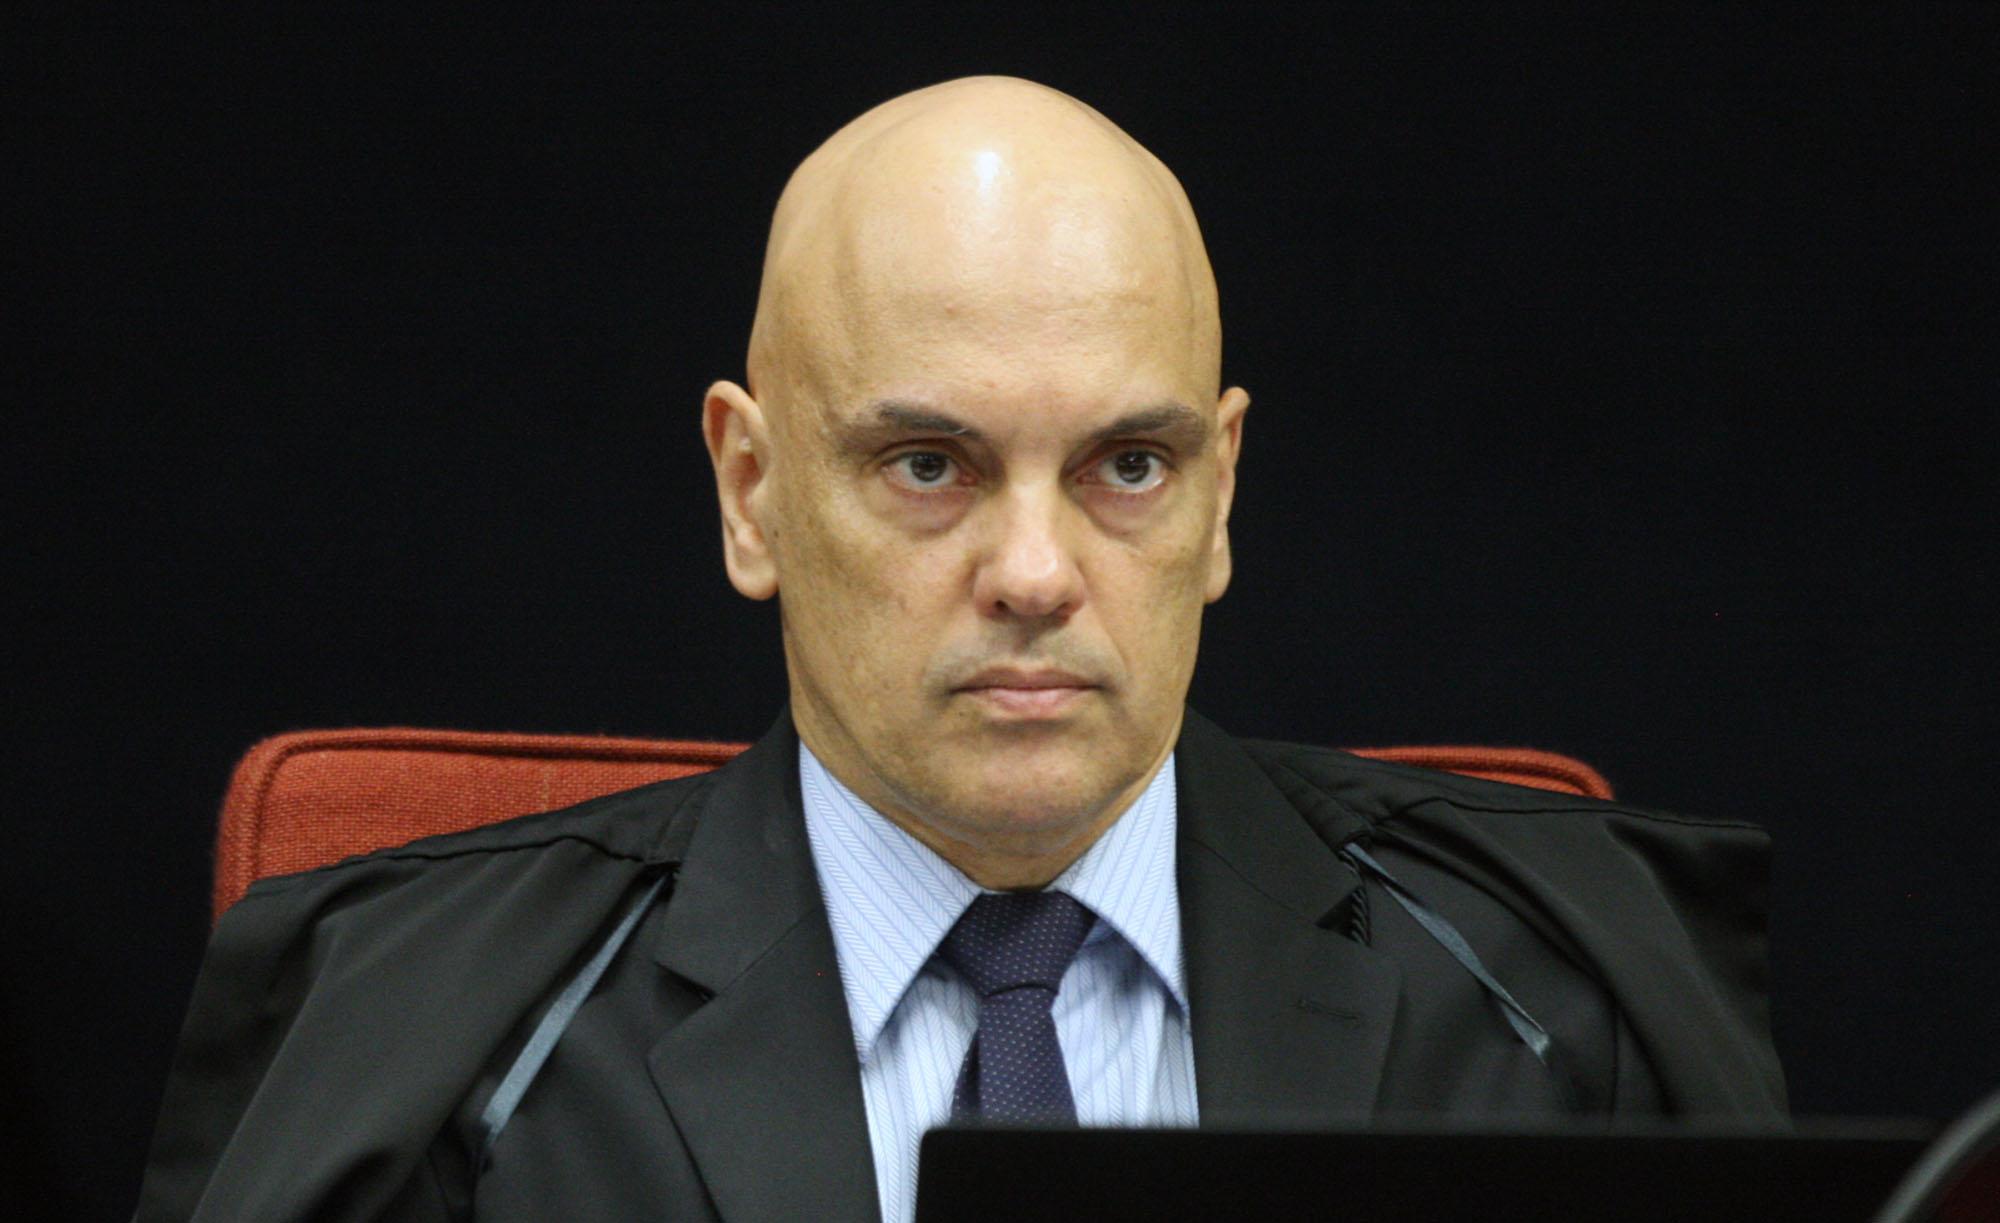 """IMAGEM: Moraes inclui no processo de Jefferson áudio em que é chamado de """"Xandão"""", diz site"""